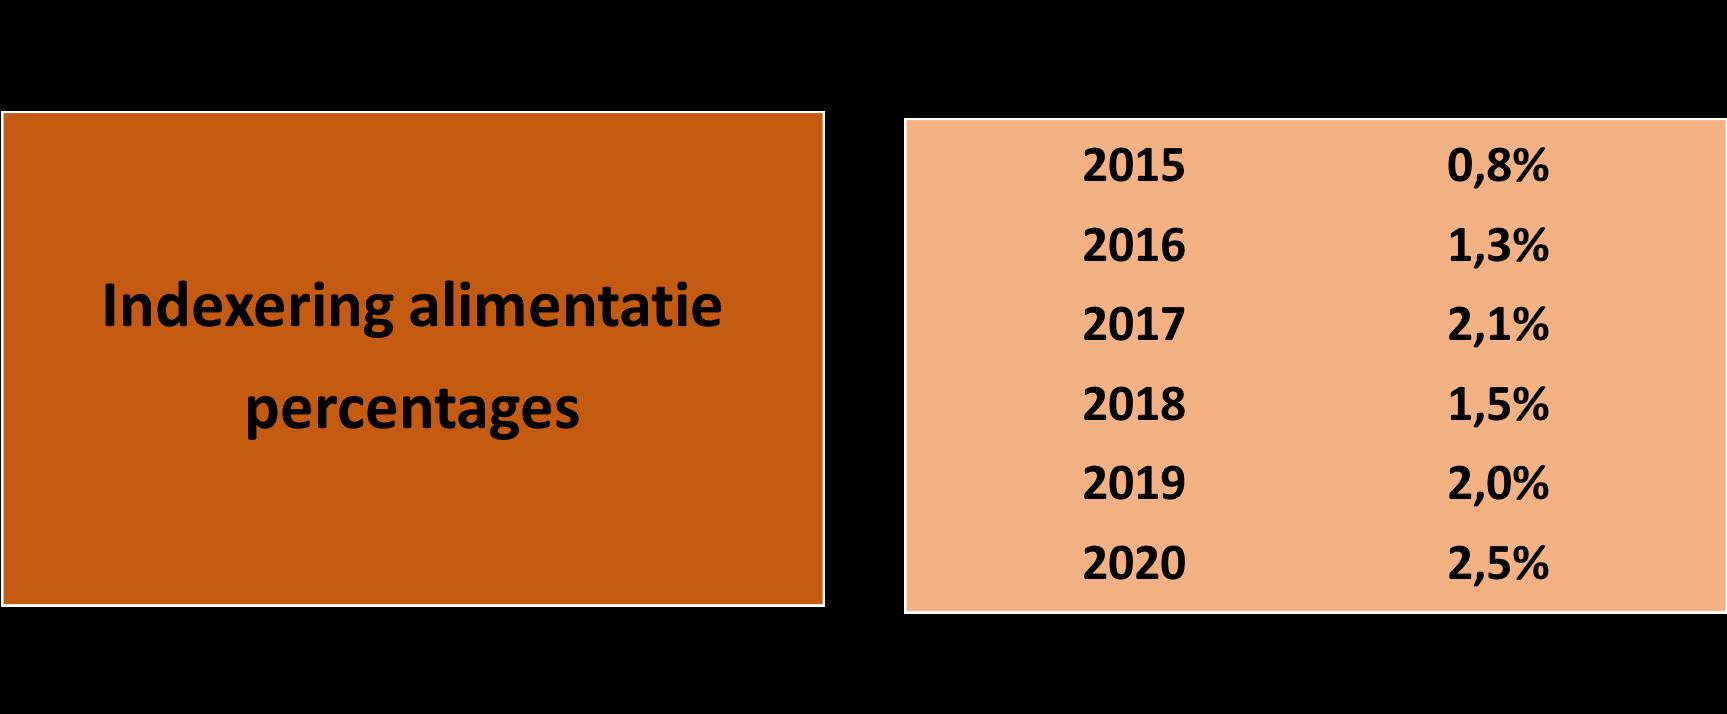 Indexering alimentatie 2020